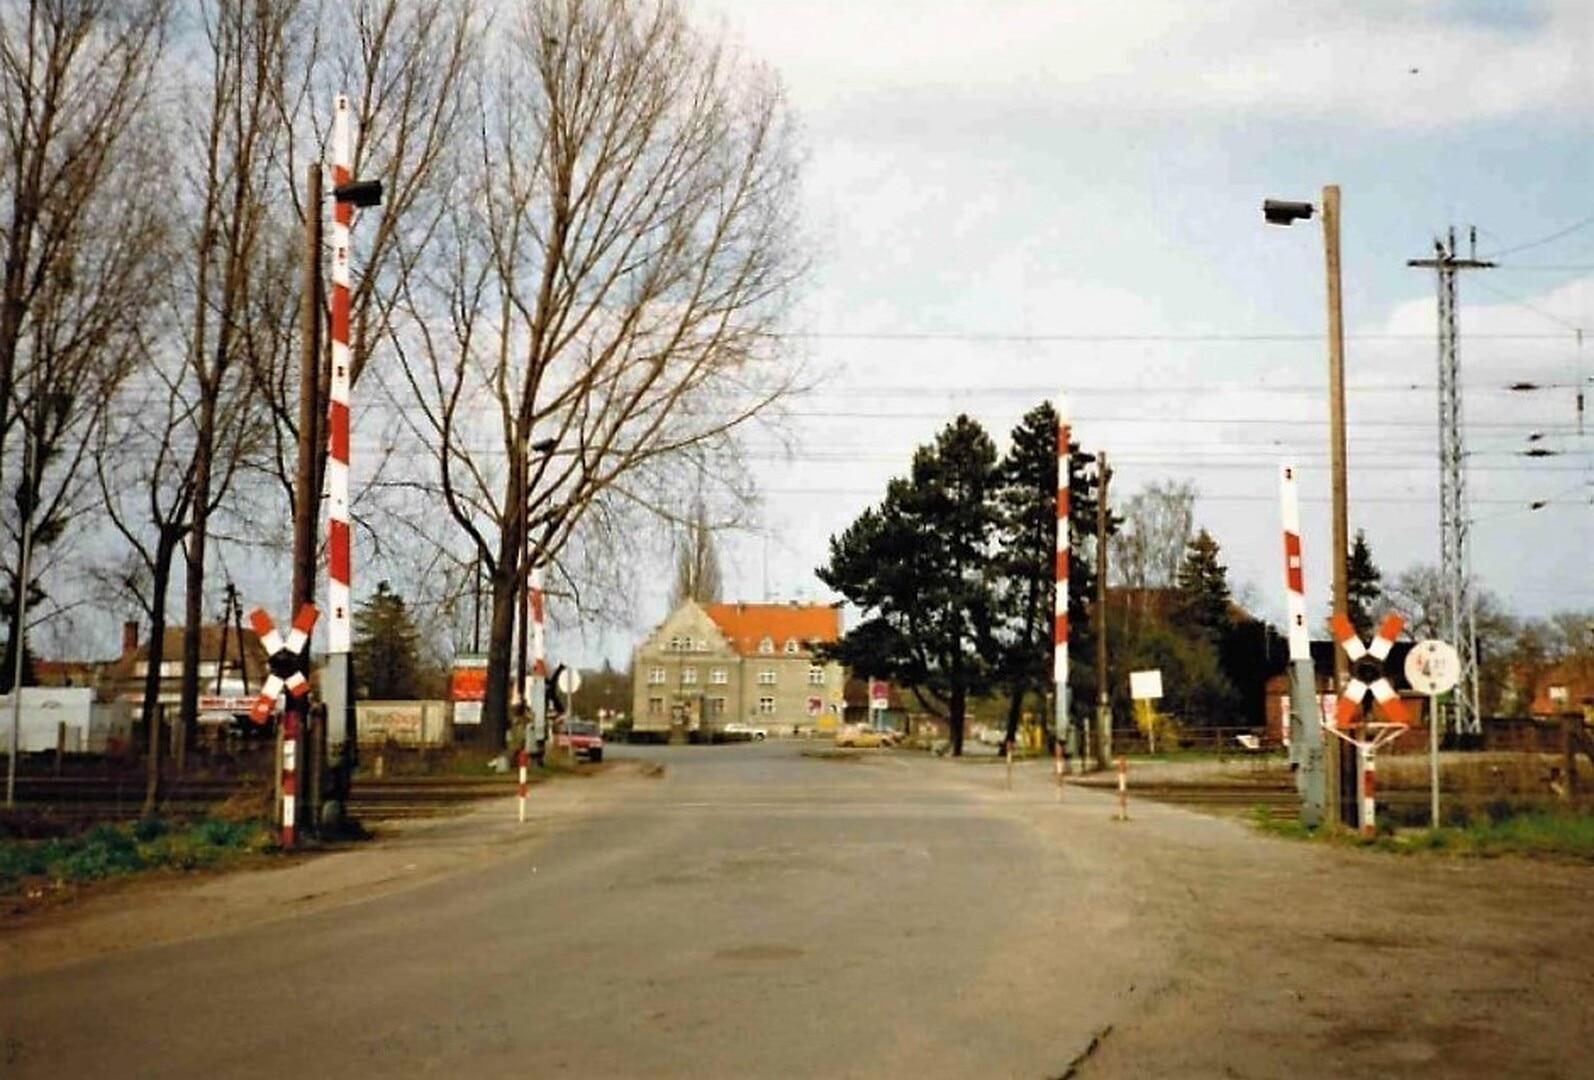 Bahnübergang Brieselang Schranke am Bahnhof Blick zum Platz des Friedens  April 1994 Foto Arno Heinrich .jpg